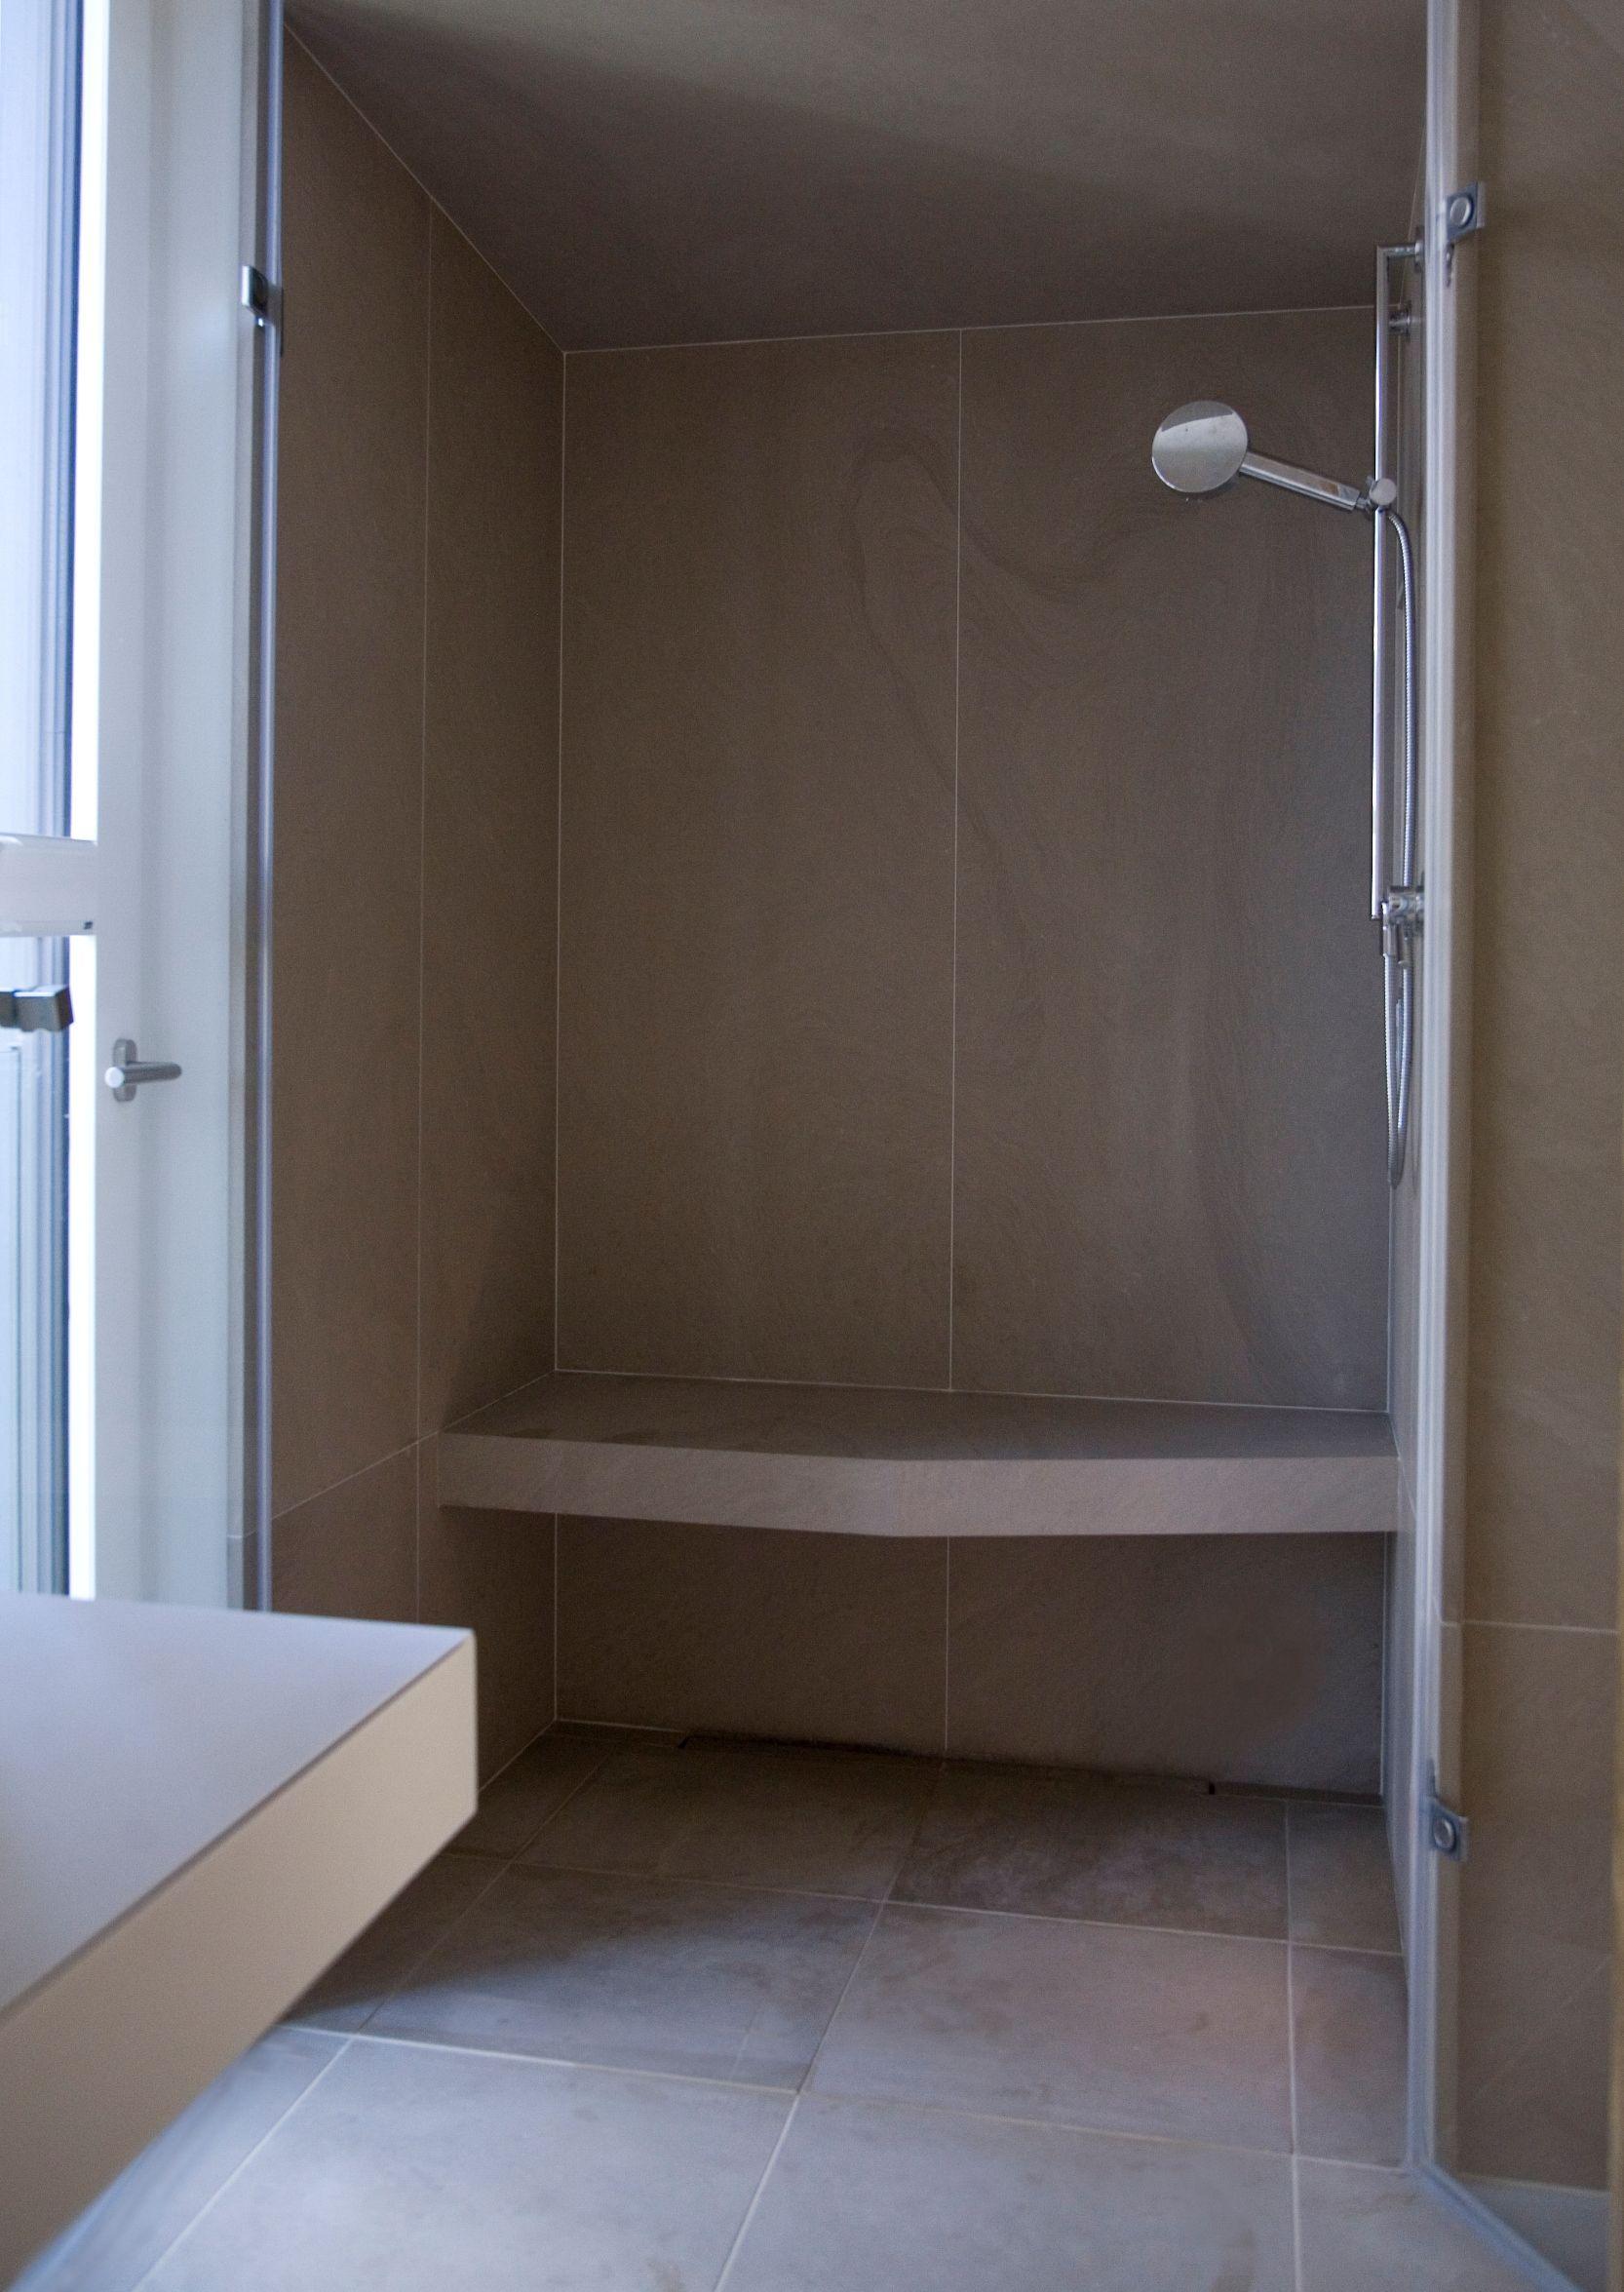 bodengleiche dusche mit sitzbank in jasmin d, gefertigt und